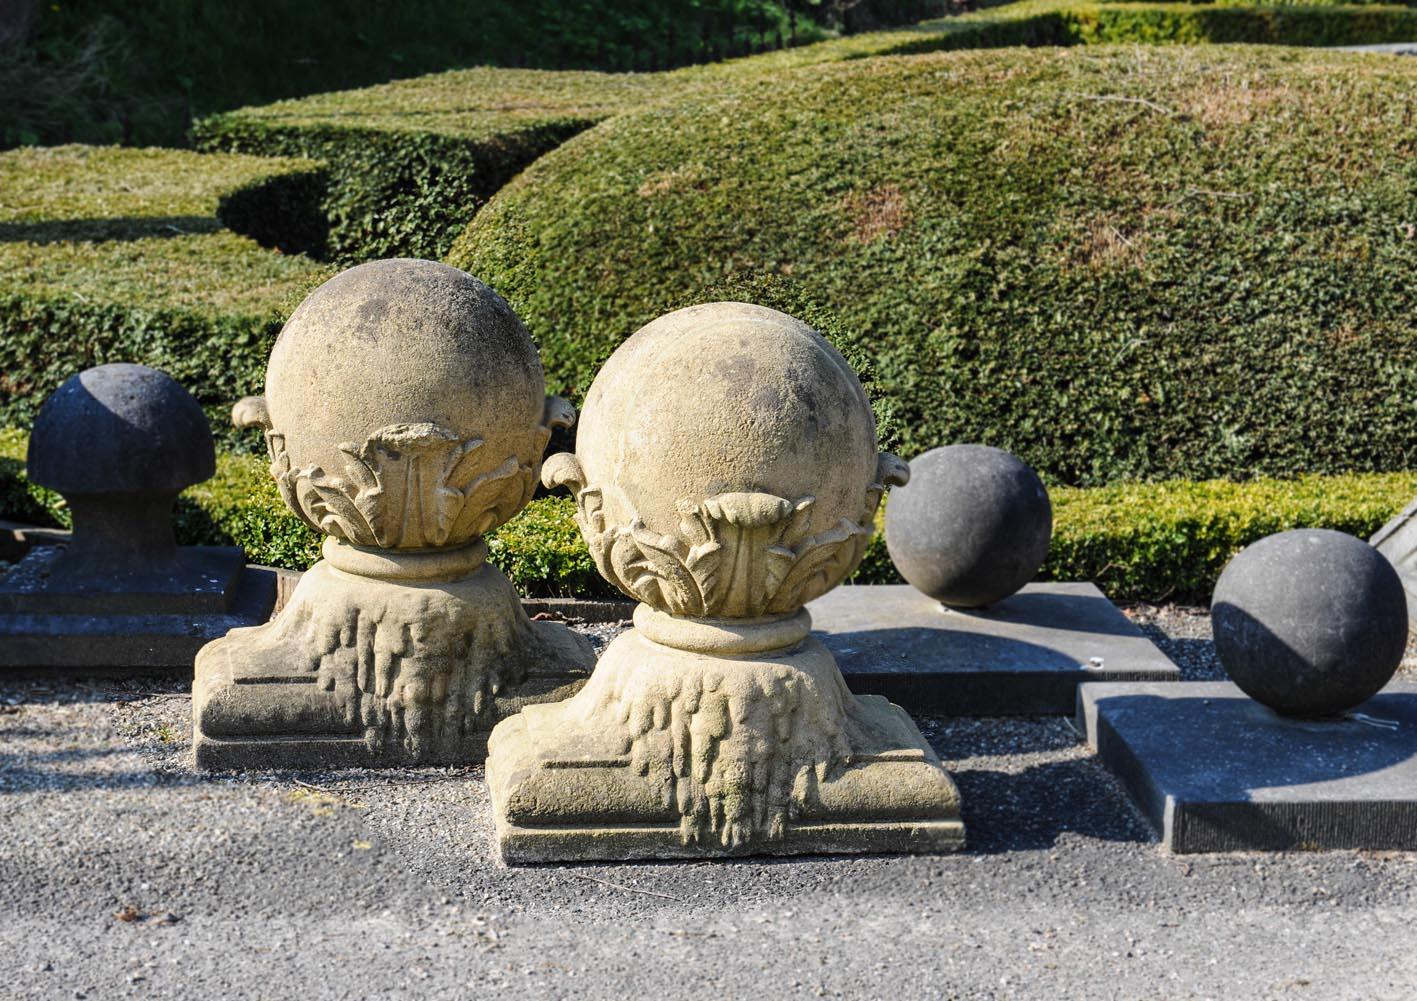 Paar sculpturale kalkstenen ornamenten